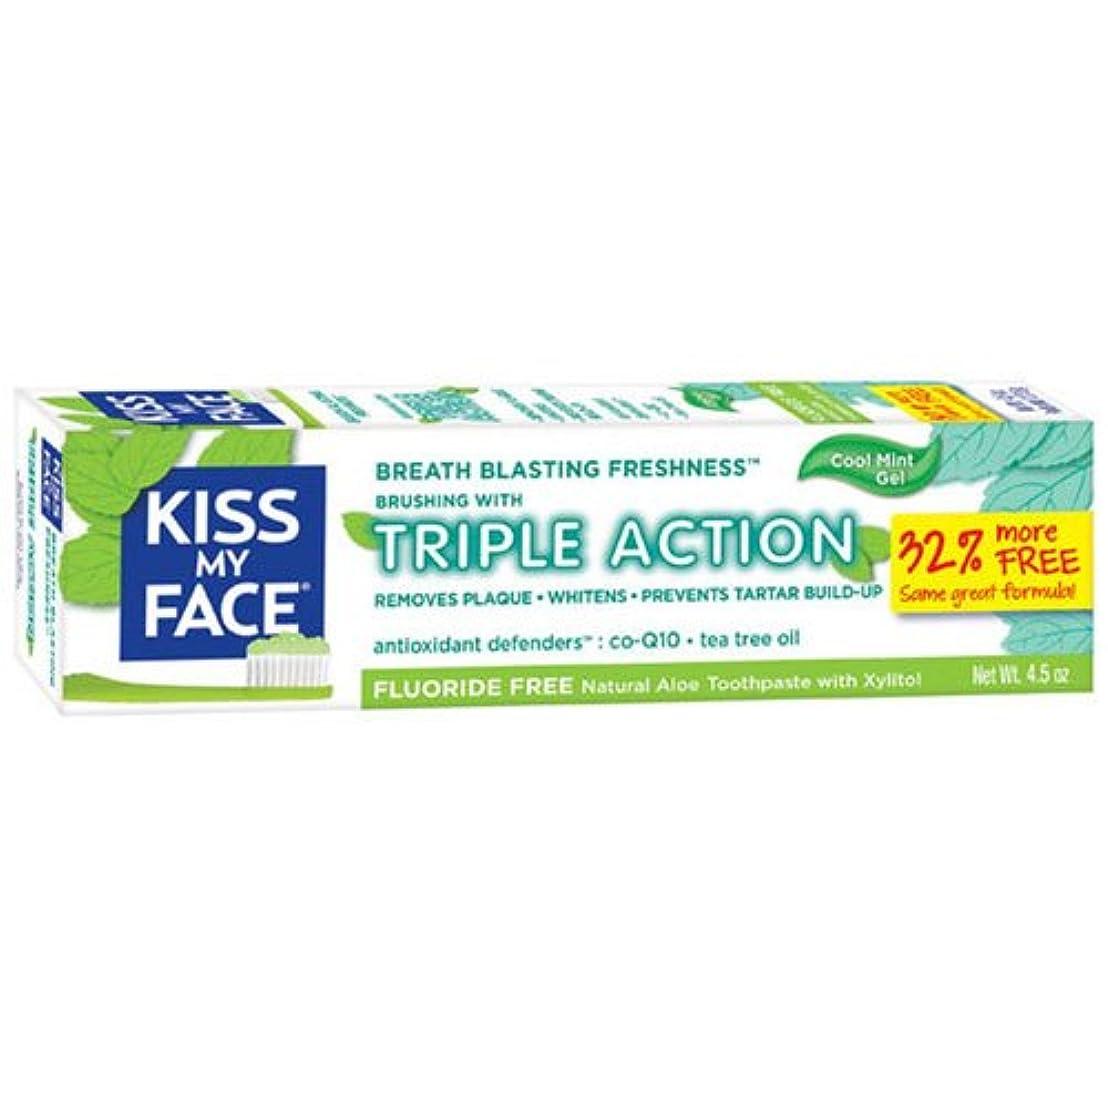 いらいらするアブセイ繊細Kiss My Face ハミガキトリプルアクションミントジェル4.5オンスクール(133Ml)(3パック)